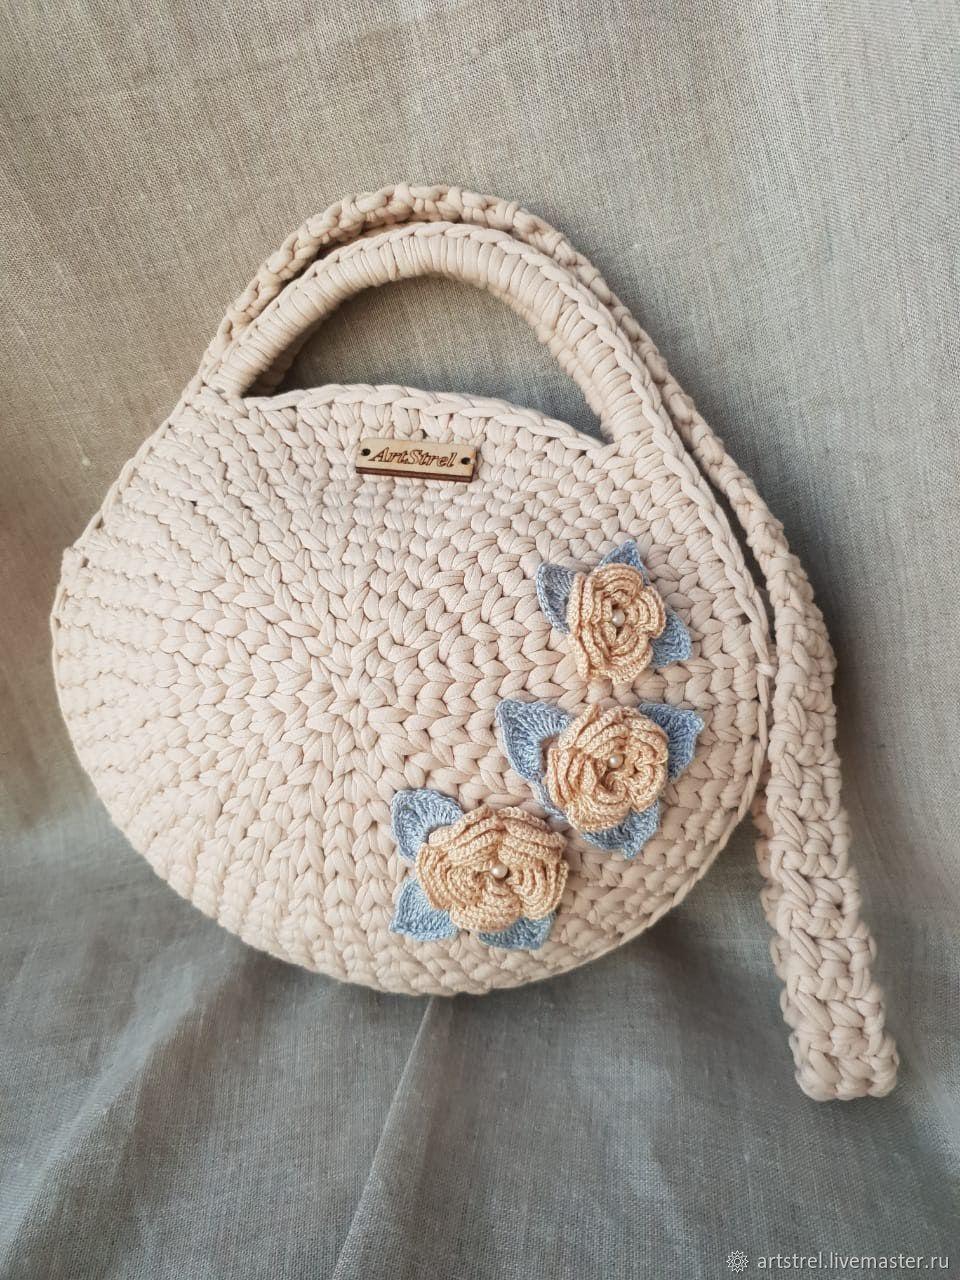 5e53287fdee5 Женские сумки ручной работы. Ярмарка Мастеров - ручная работа. Купить  Женская сумка.